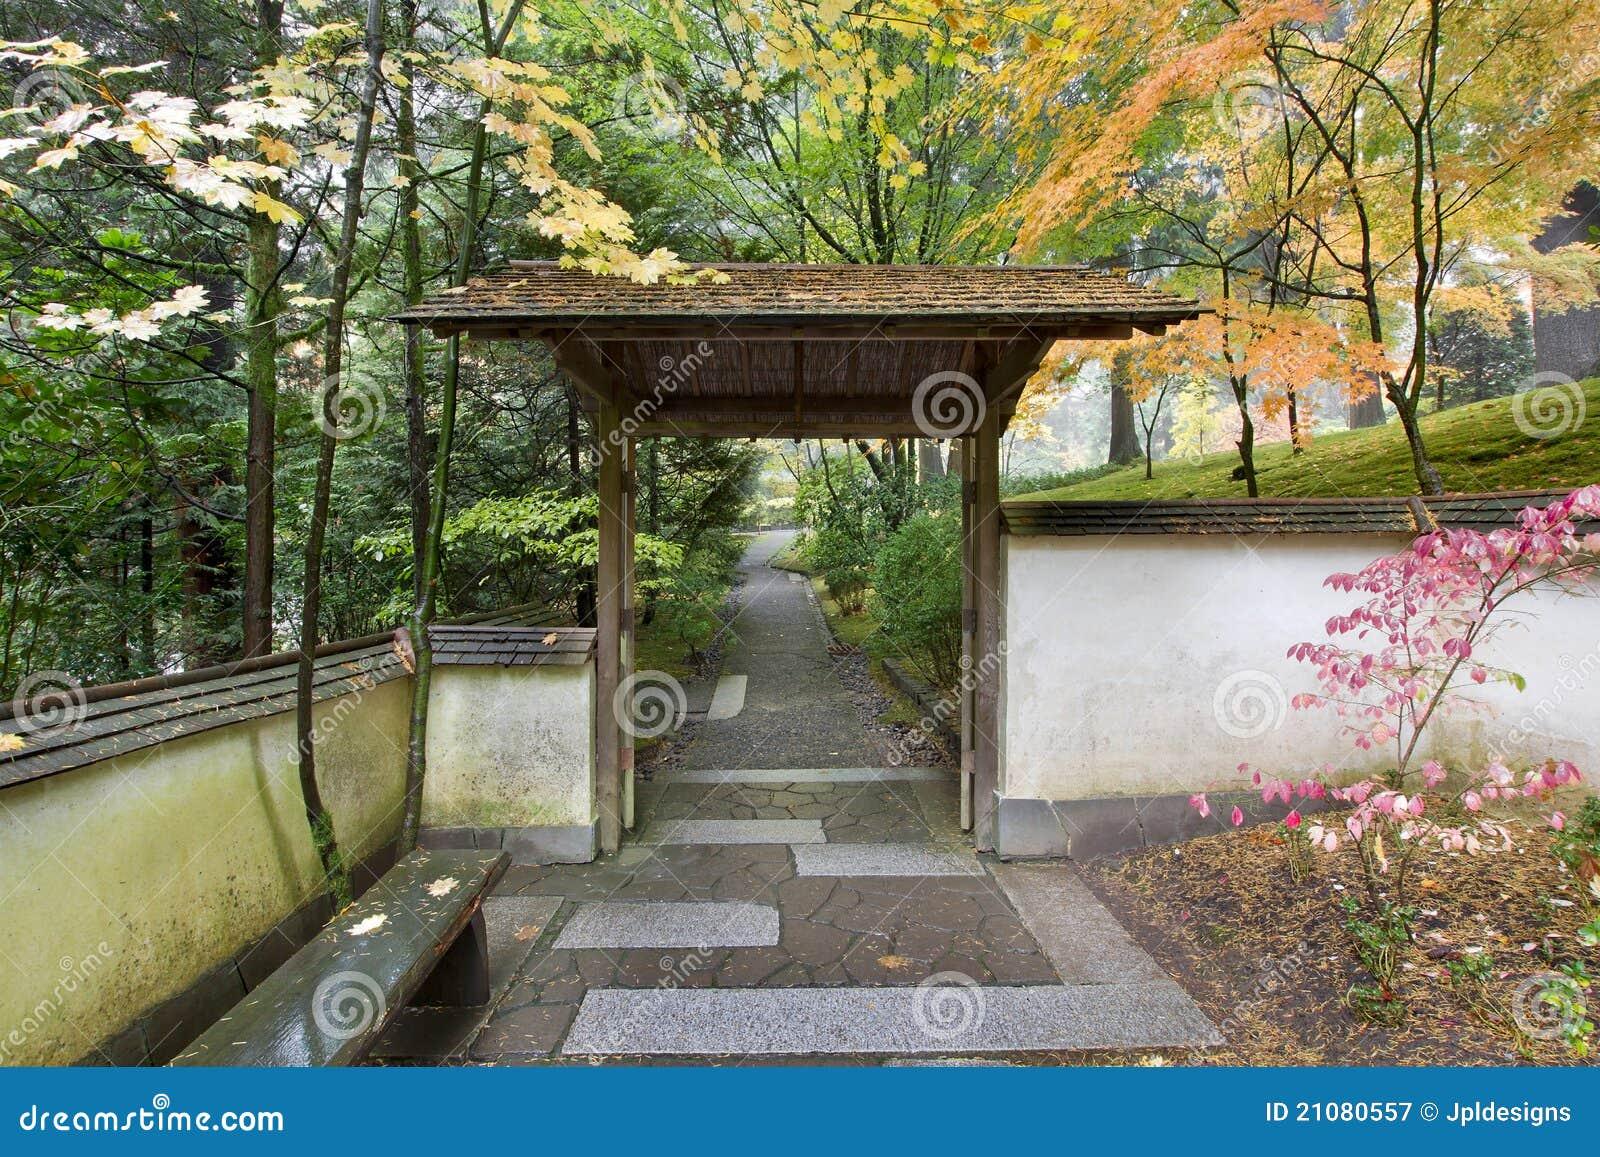 Como Disenar Un Jardin Grande - Diseños Arquitectónicos - Mimasku.com